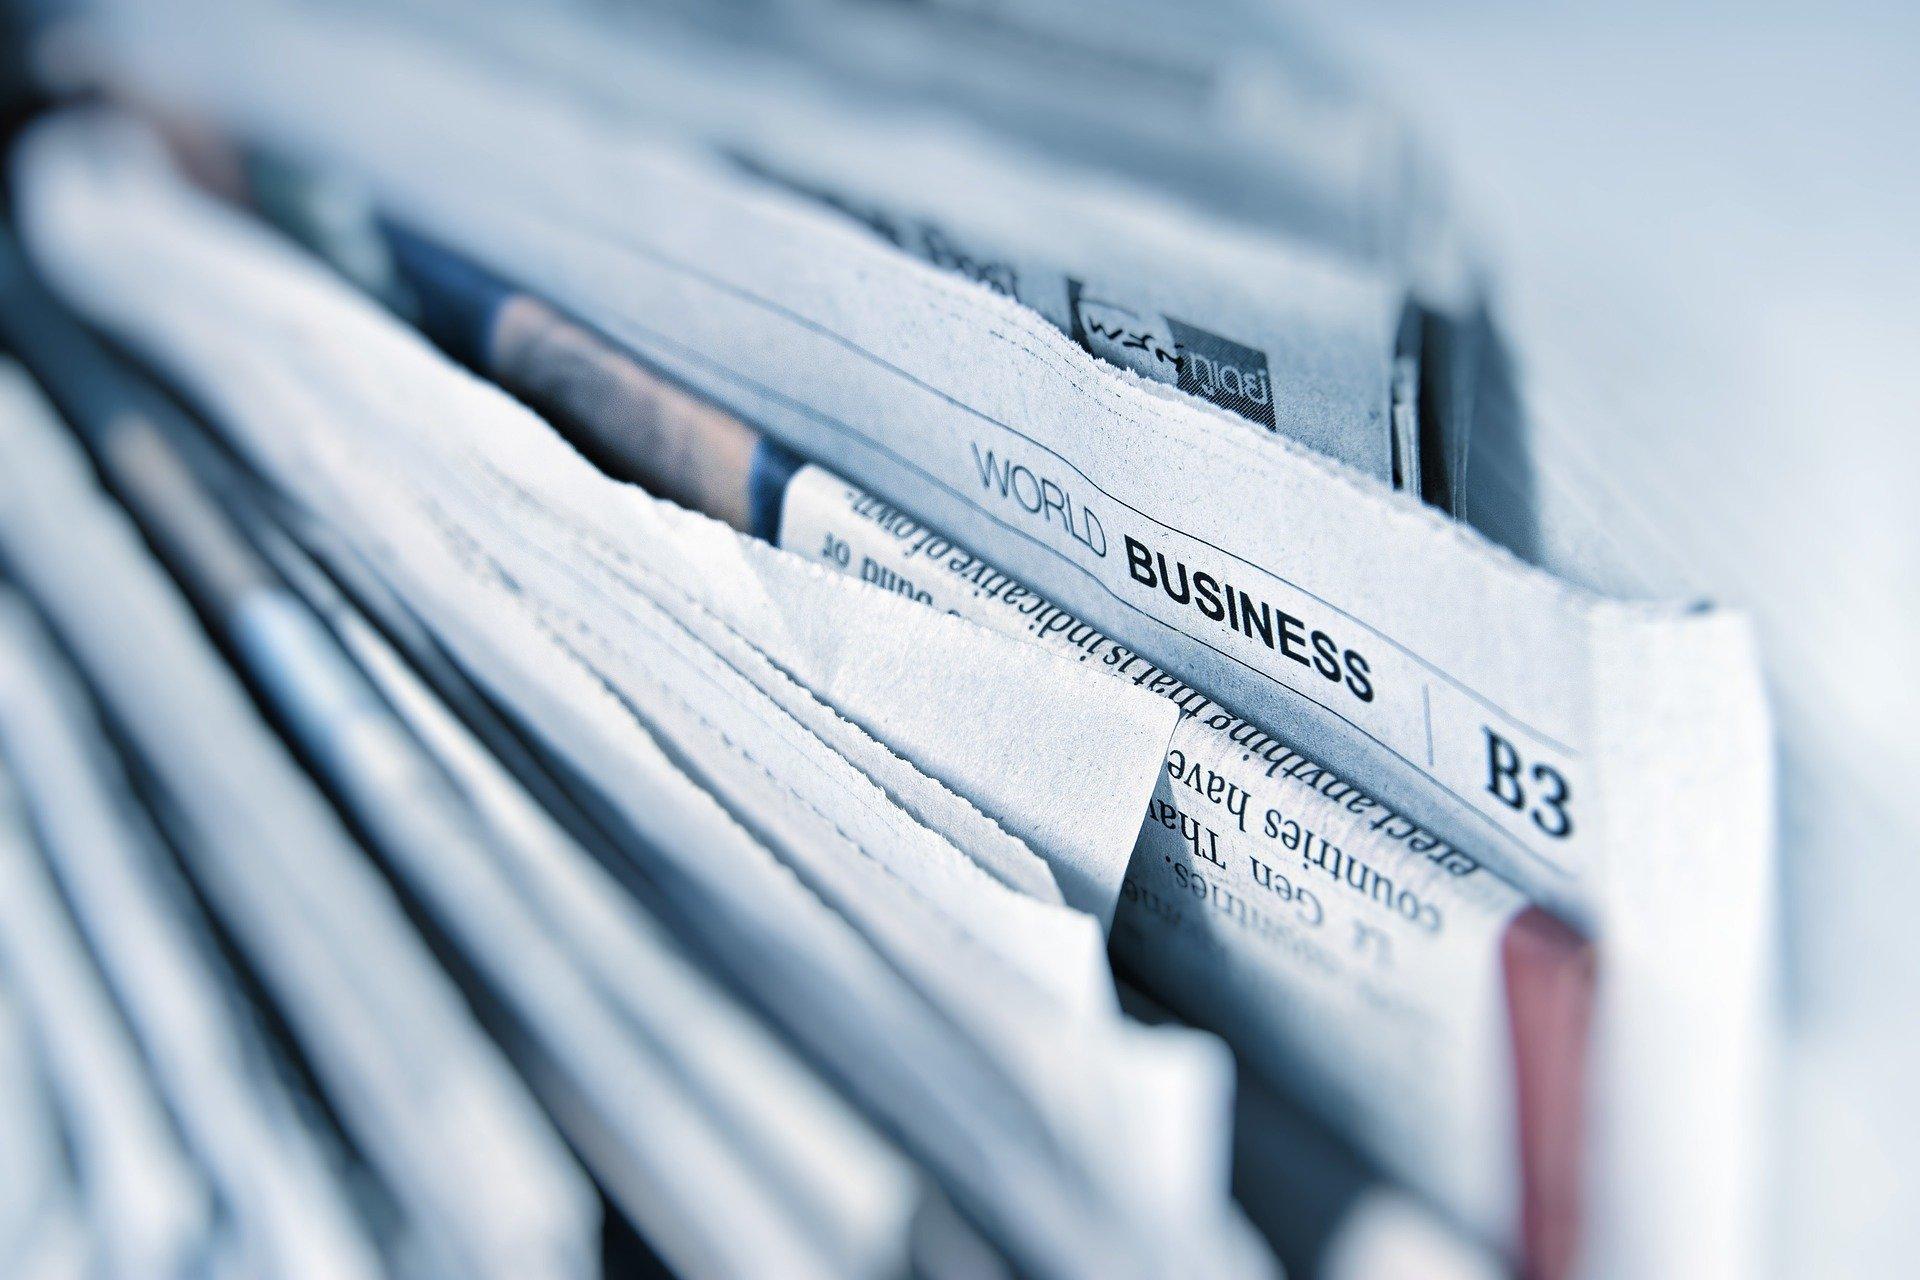 Zeitung, Quelle: Bild von Gino Crescoli auf Pixabay